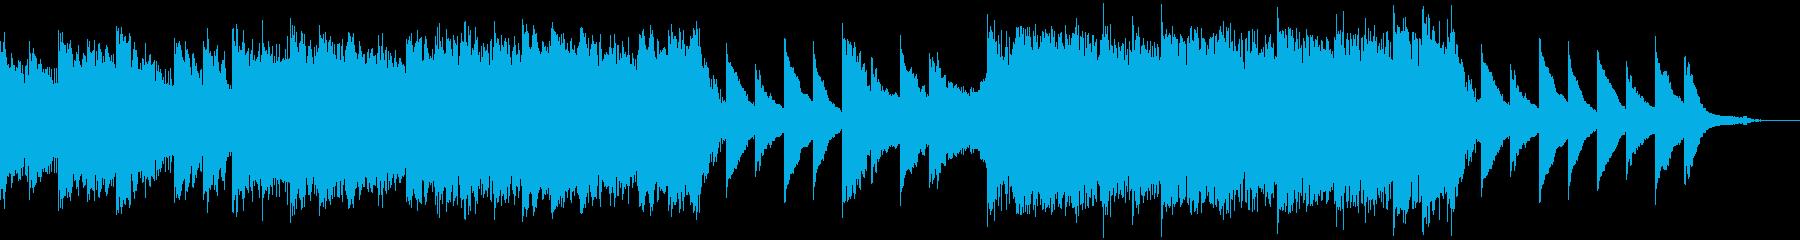 弦を使ったインスピレーションあふれるピアの再生済みの波形